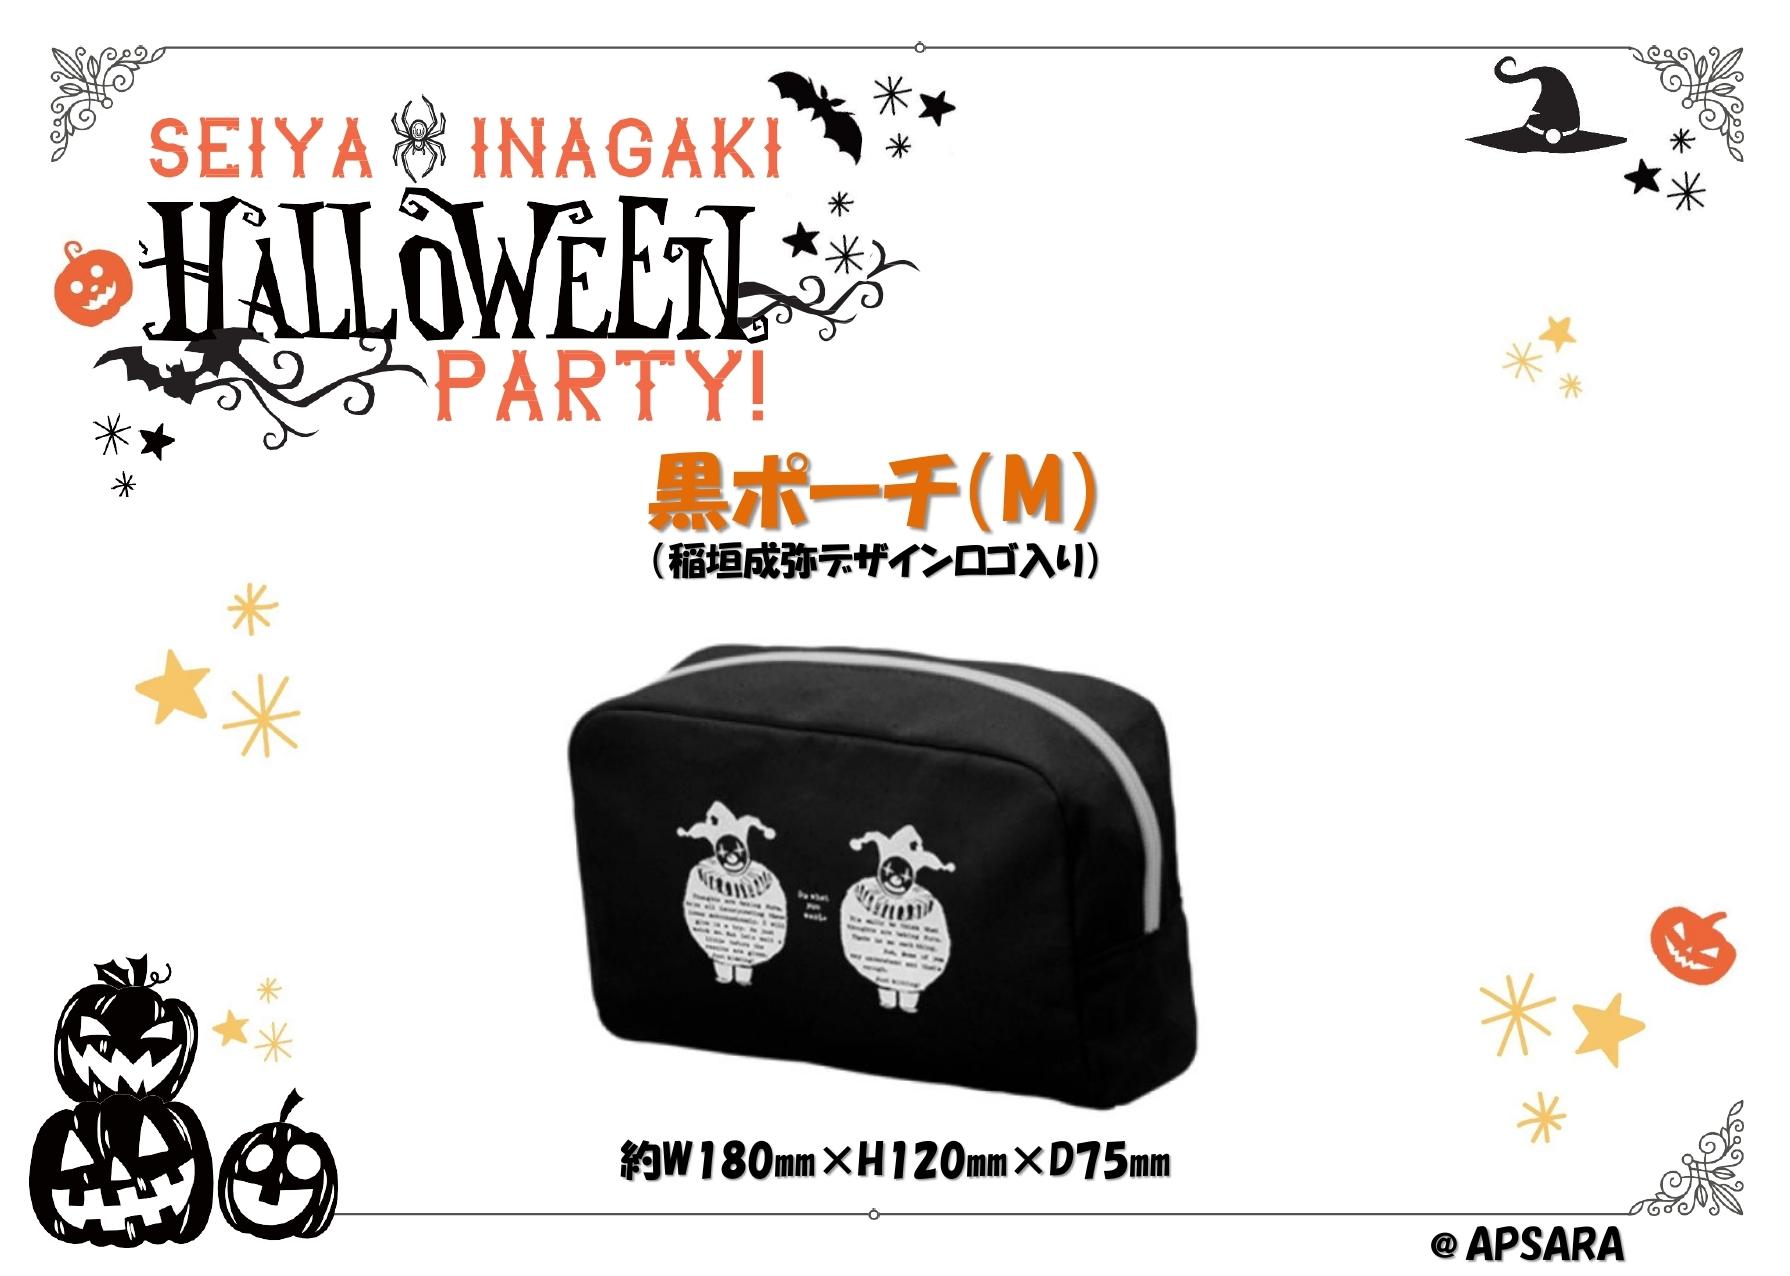 稲垣成弥ロゴ入りポーチM(稲垣成弥とHalloween Party!)